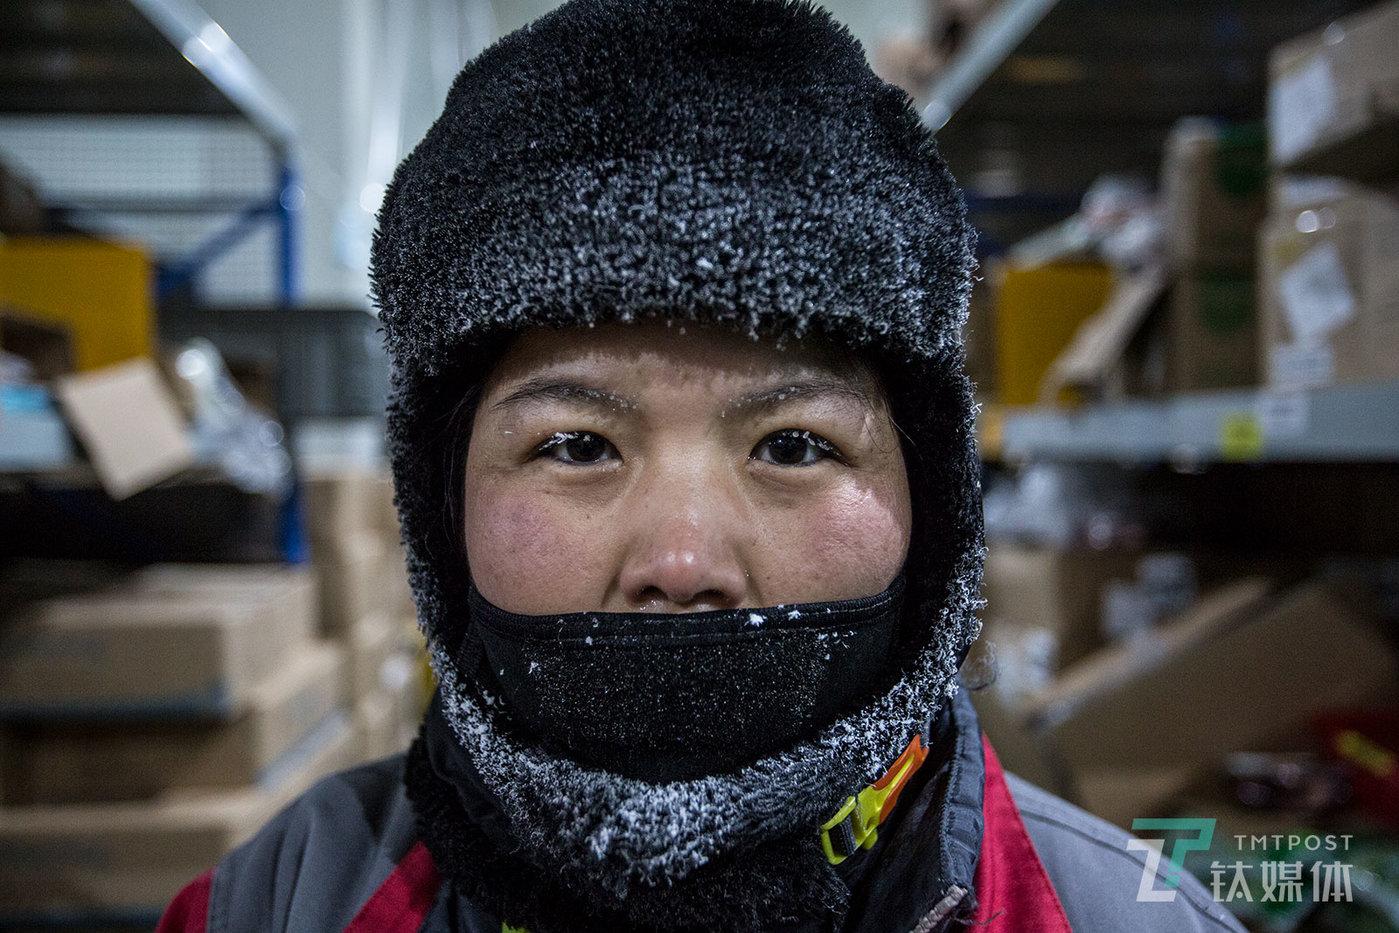 【温差50度】8月2日,北京马驹桥,京东物流生鲜冷冻仓库,零下18度的环境里,拣货员的睫毛、眉毛和帽子上都结上了冰霜。彼时,北京室外气温32摄氏度。